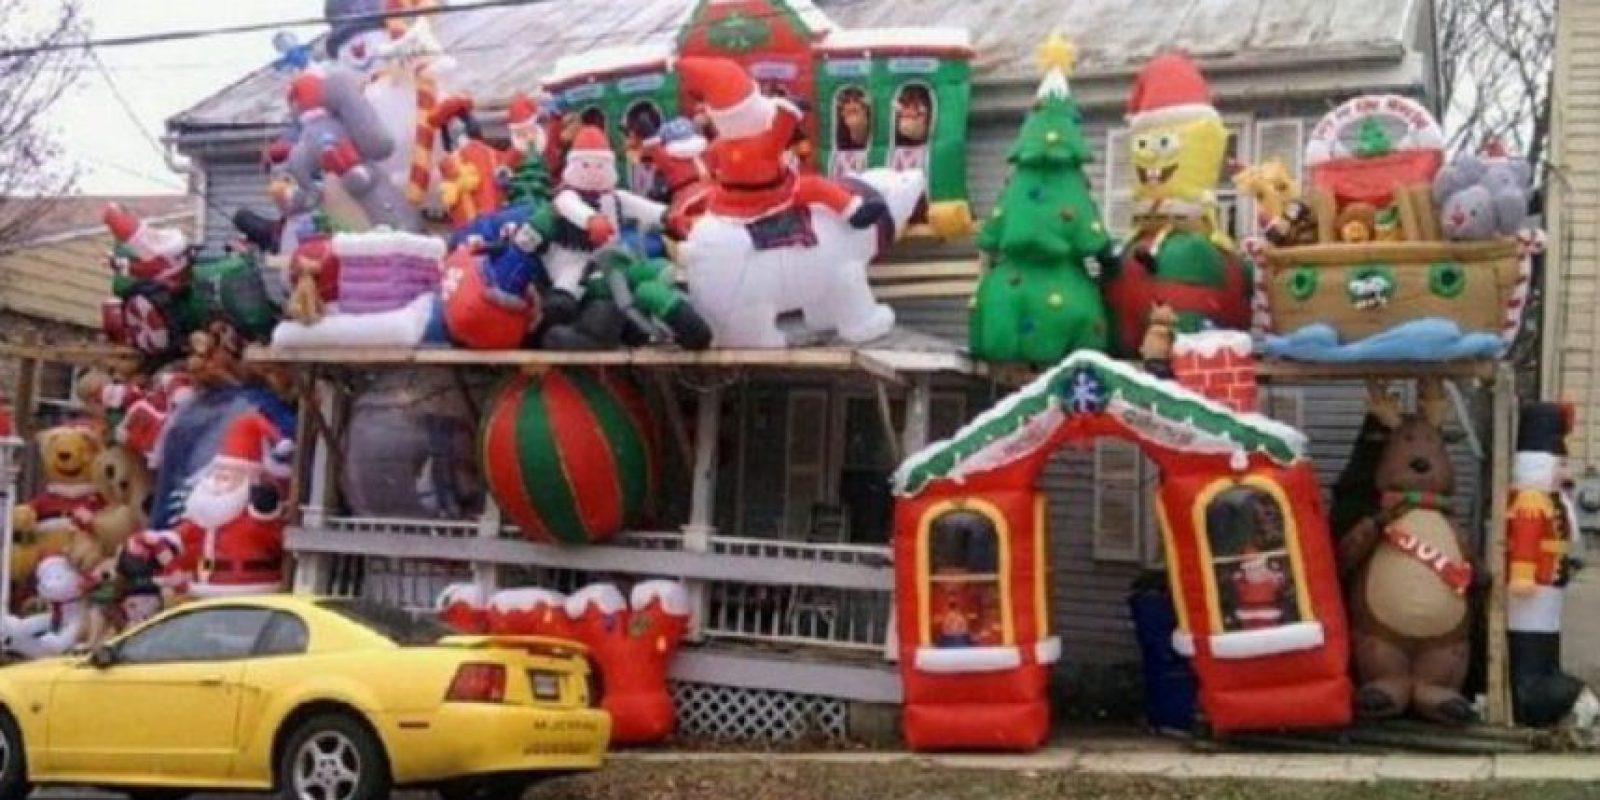 La Navidad y Toy Story vomitaron literalmente sobre esta casa Foto:Twitter